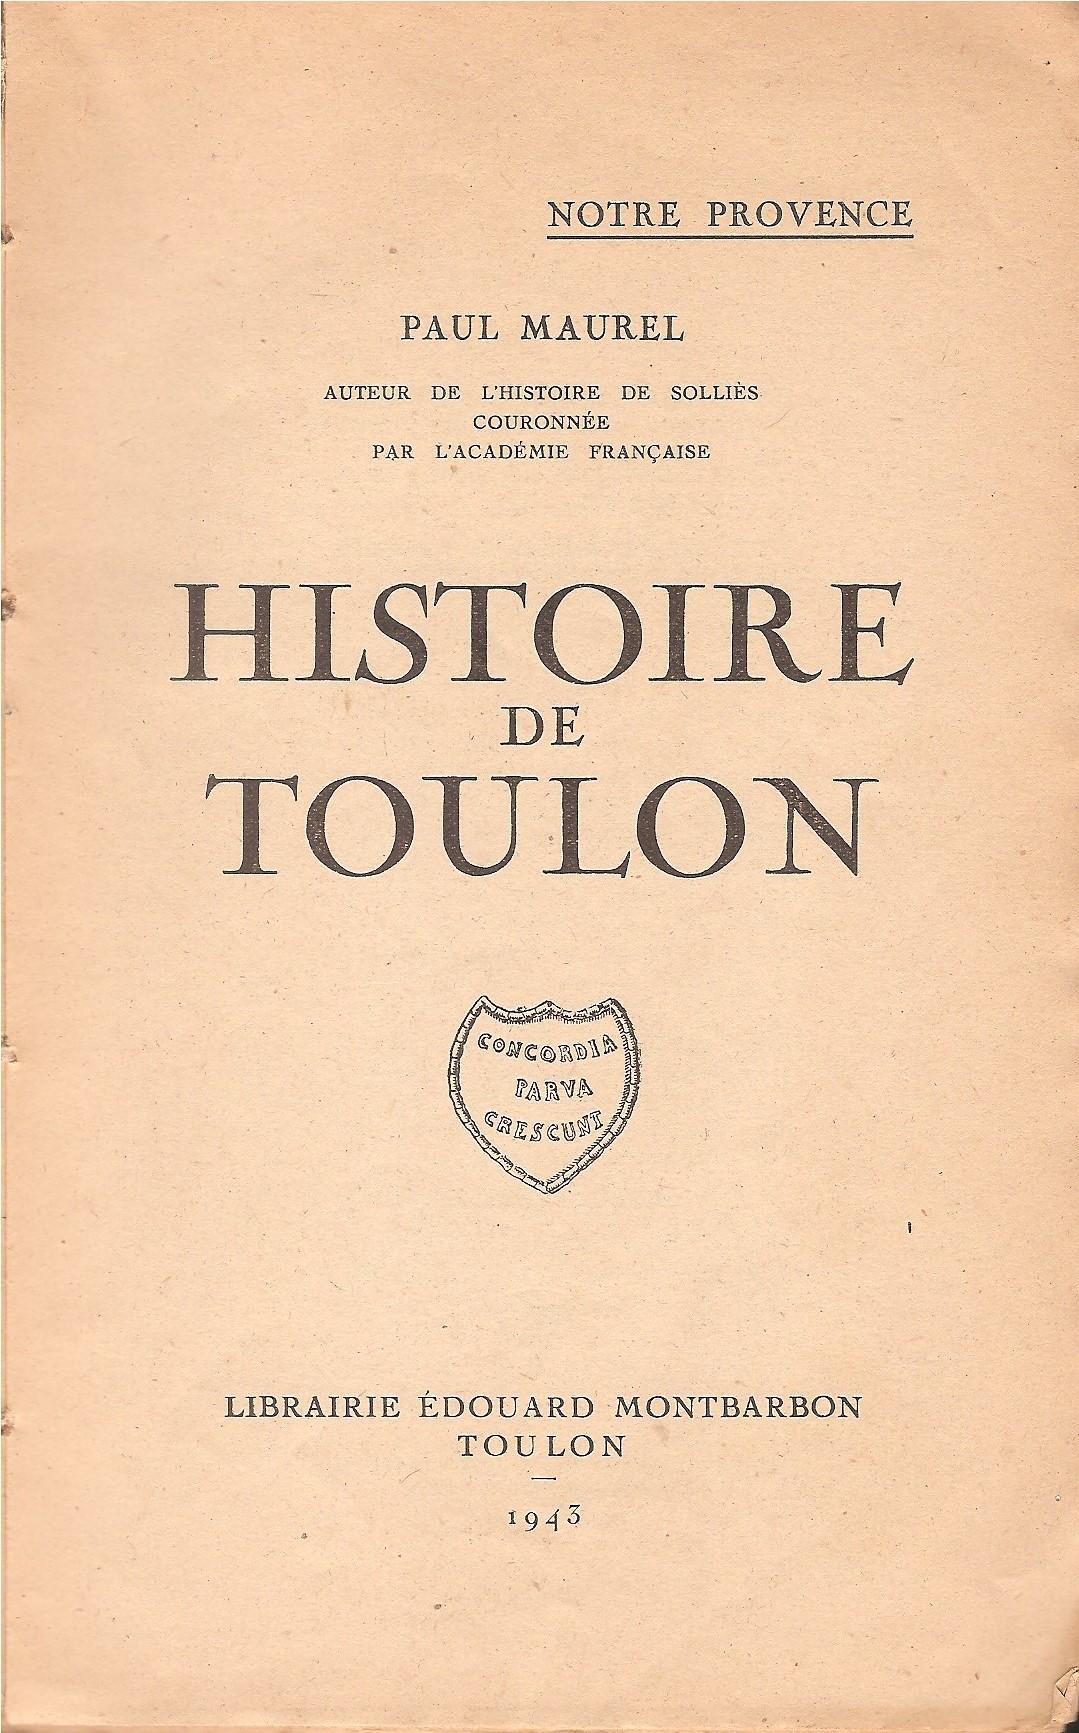 [LES PORTS MILITAIRES DE MÉTROPOLE] De la création de l'arsenal de Toulon à aujourd'hui la base navale Numzor11